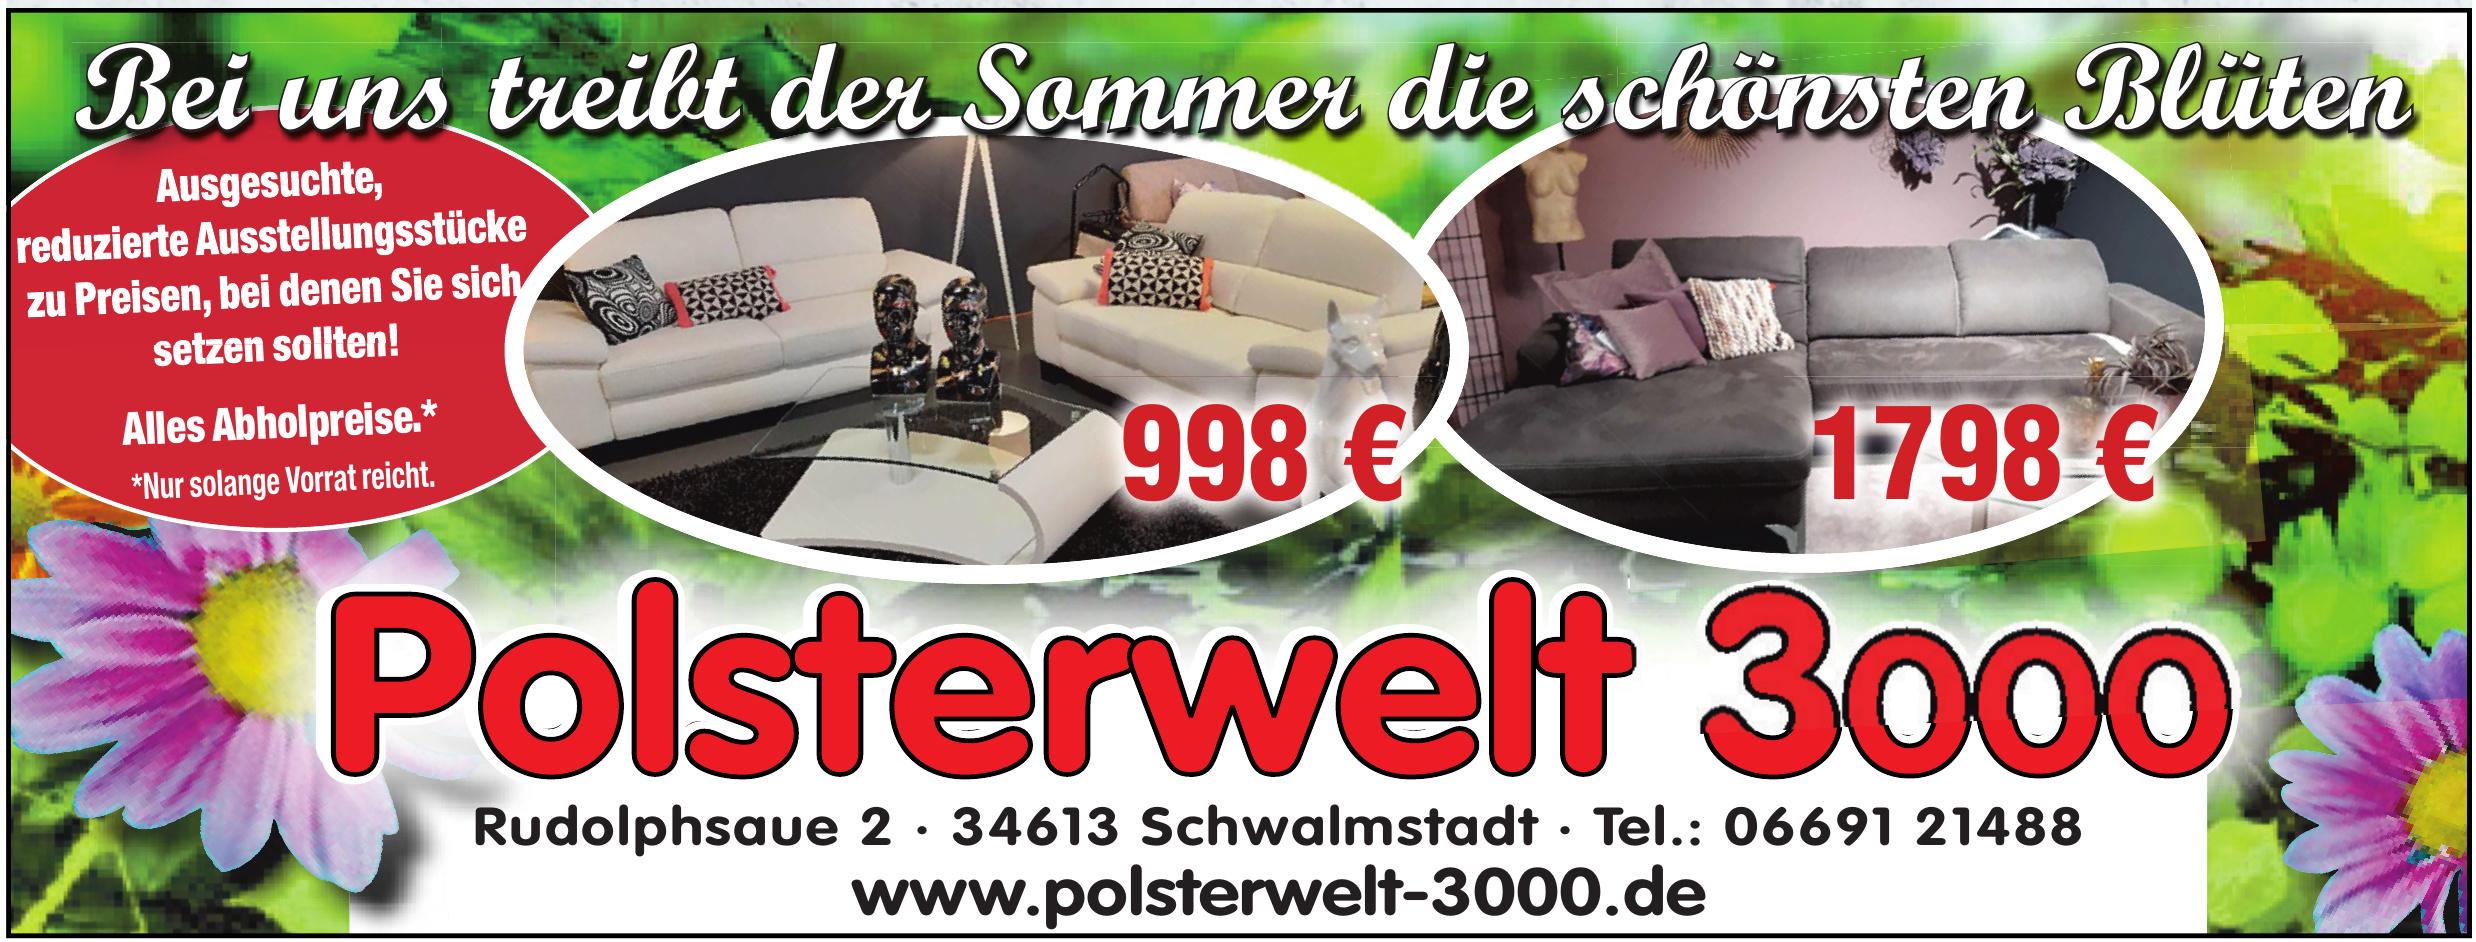 Polsterwelt 3000